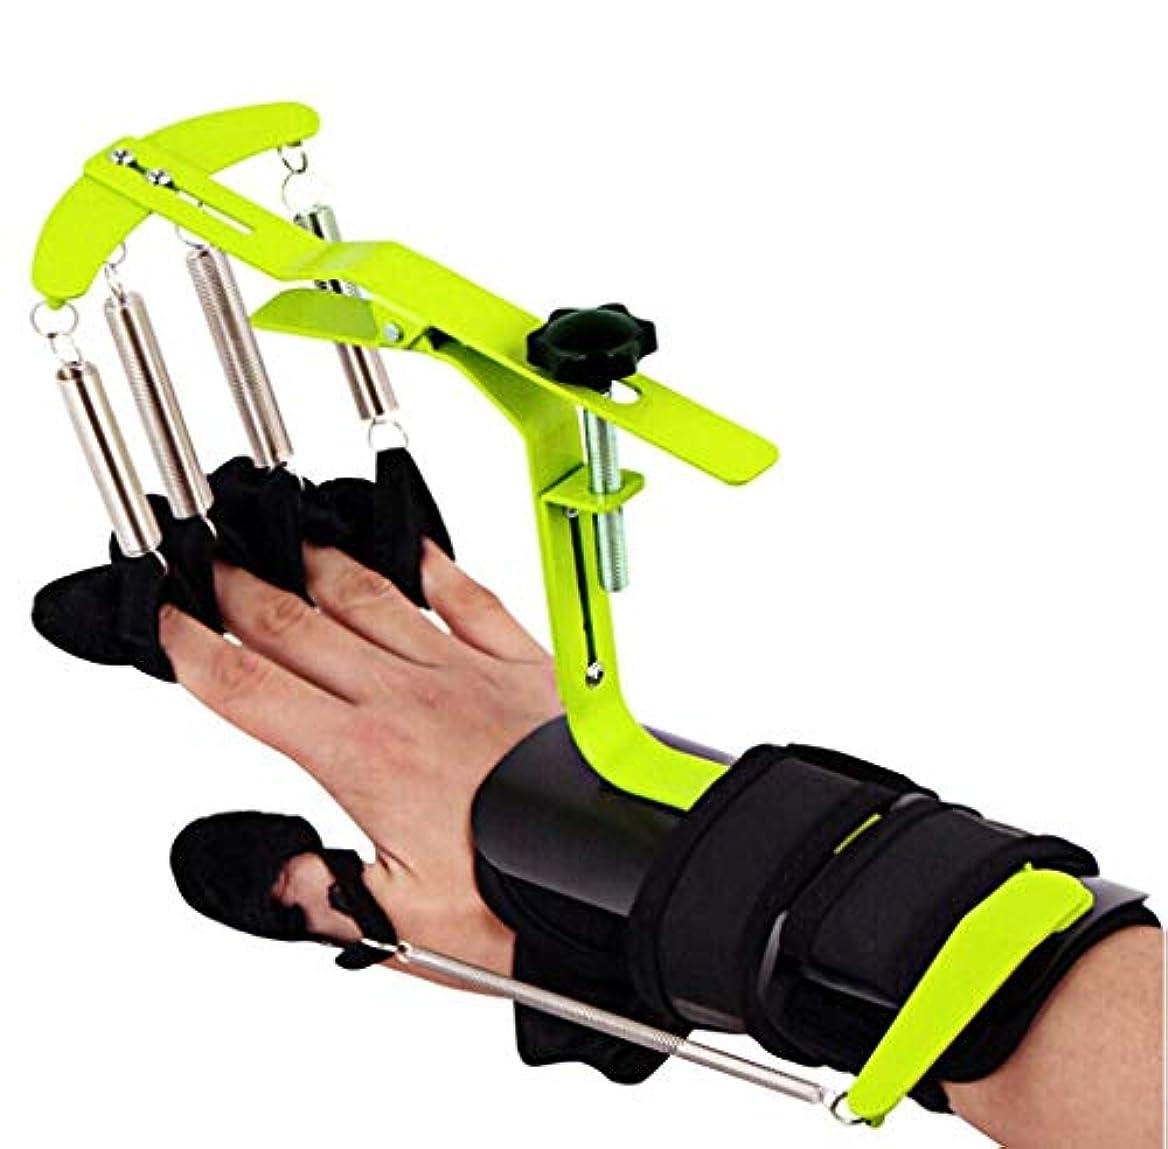 継続中一般ペチコート指エクササイザー トレーニング機器ブレースボード 別々の親指 手首サポートハンド機能 片麻痺の脳性麻痺麻痺リハビリテーション